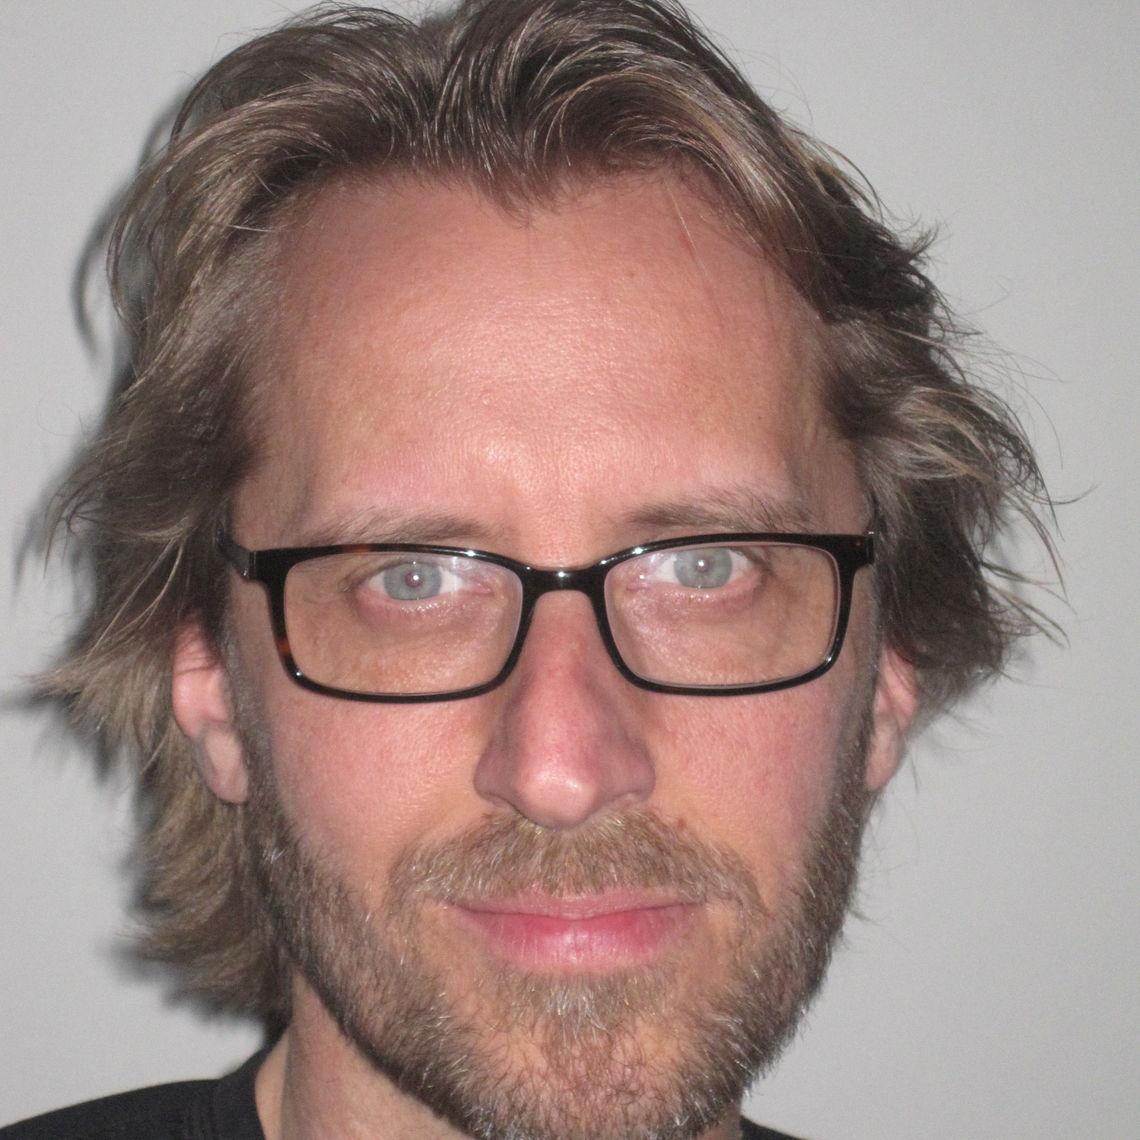 David McMahan